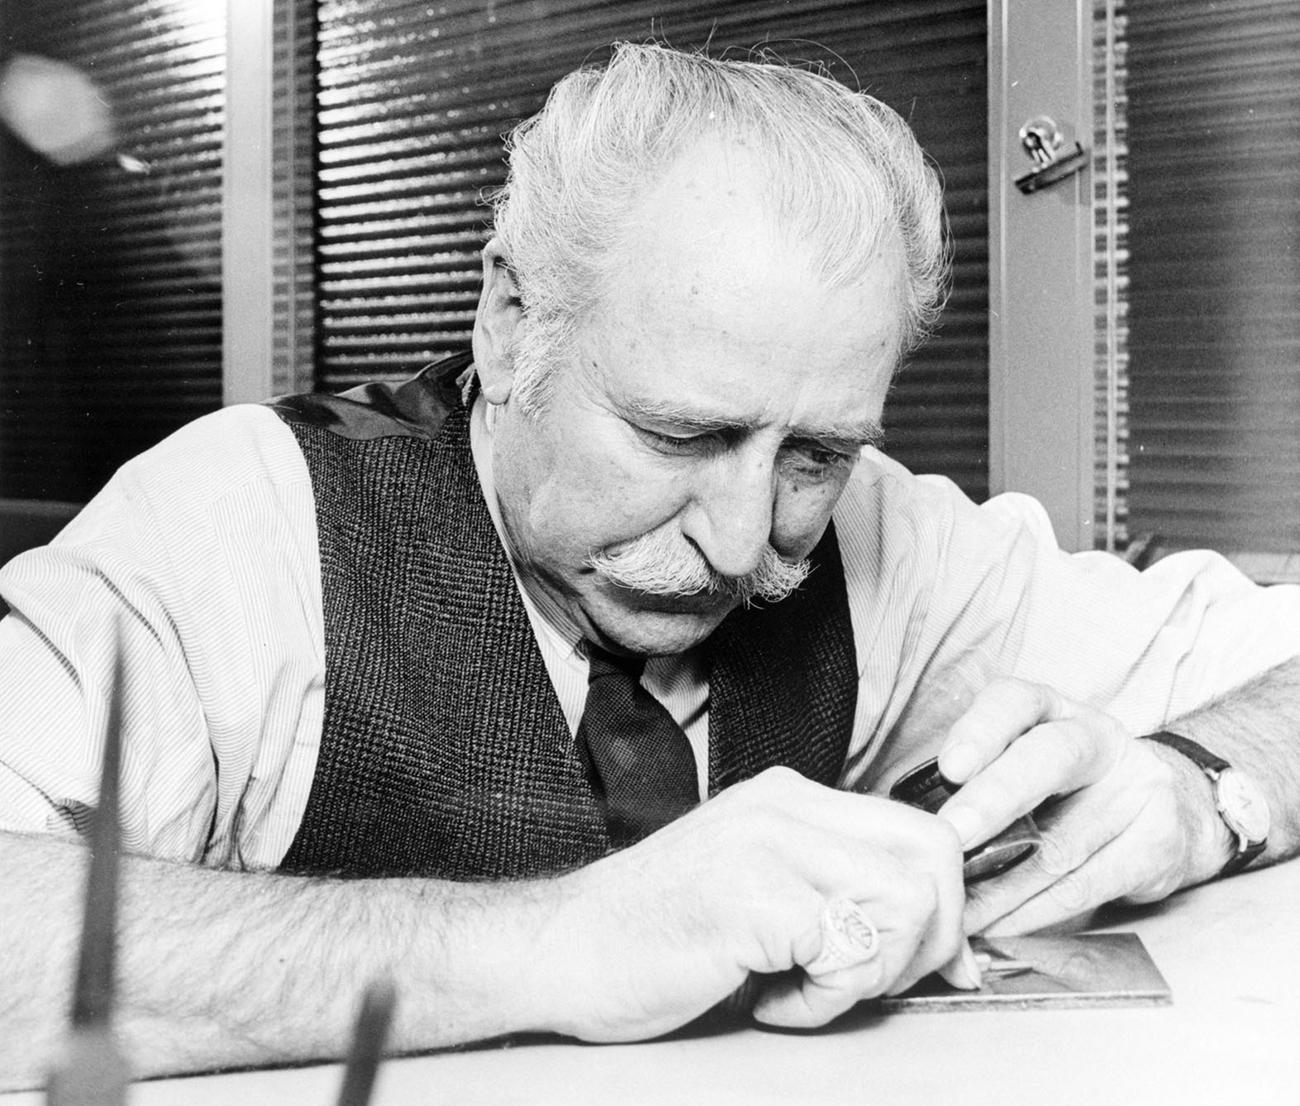 photo en noir et blanc du graveur de billets de banque George Gundersen en plein travail